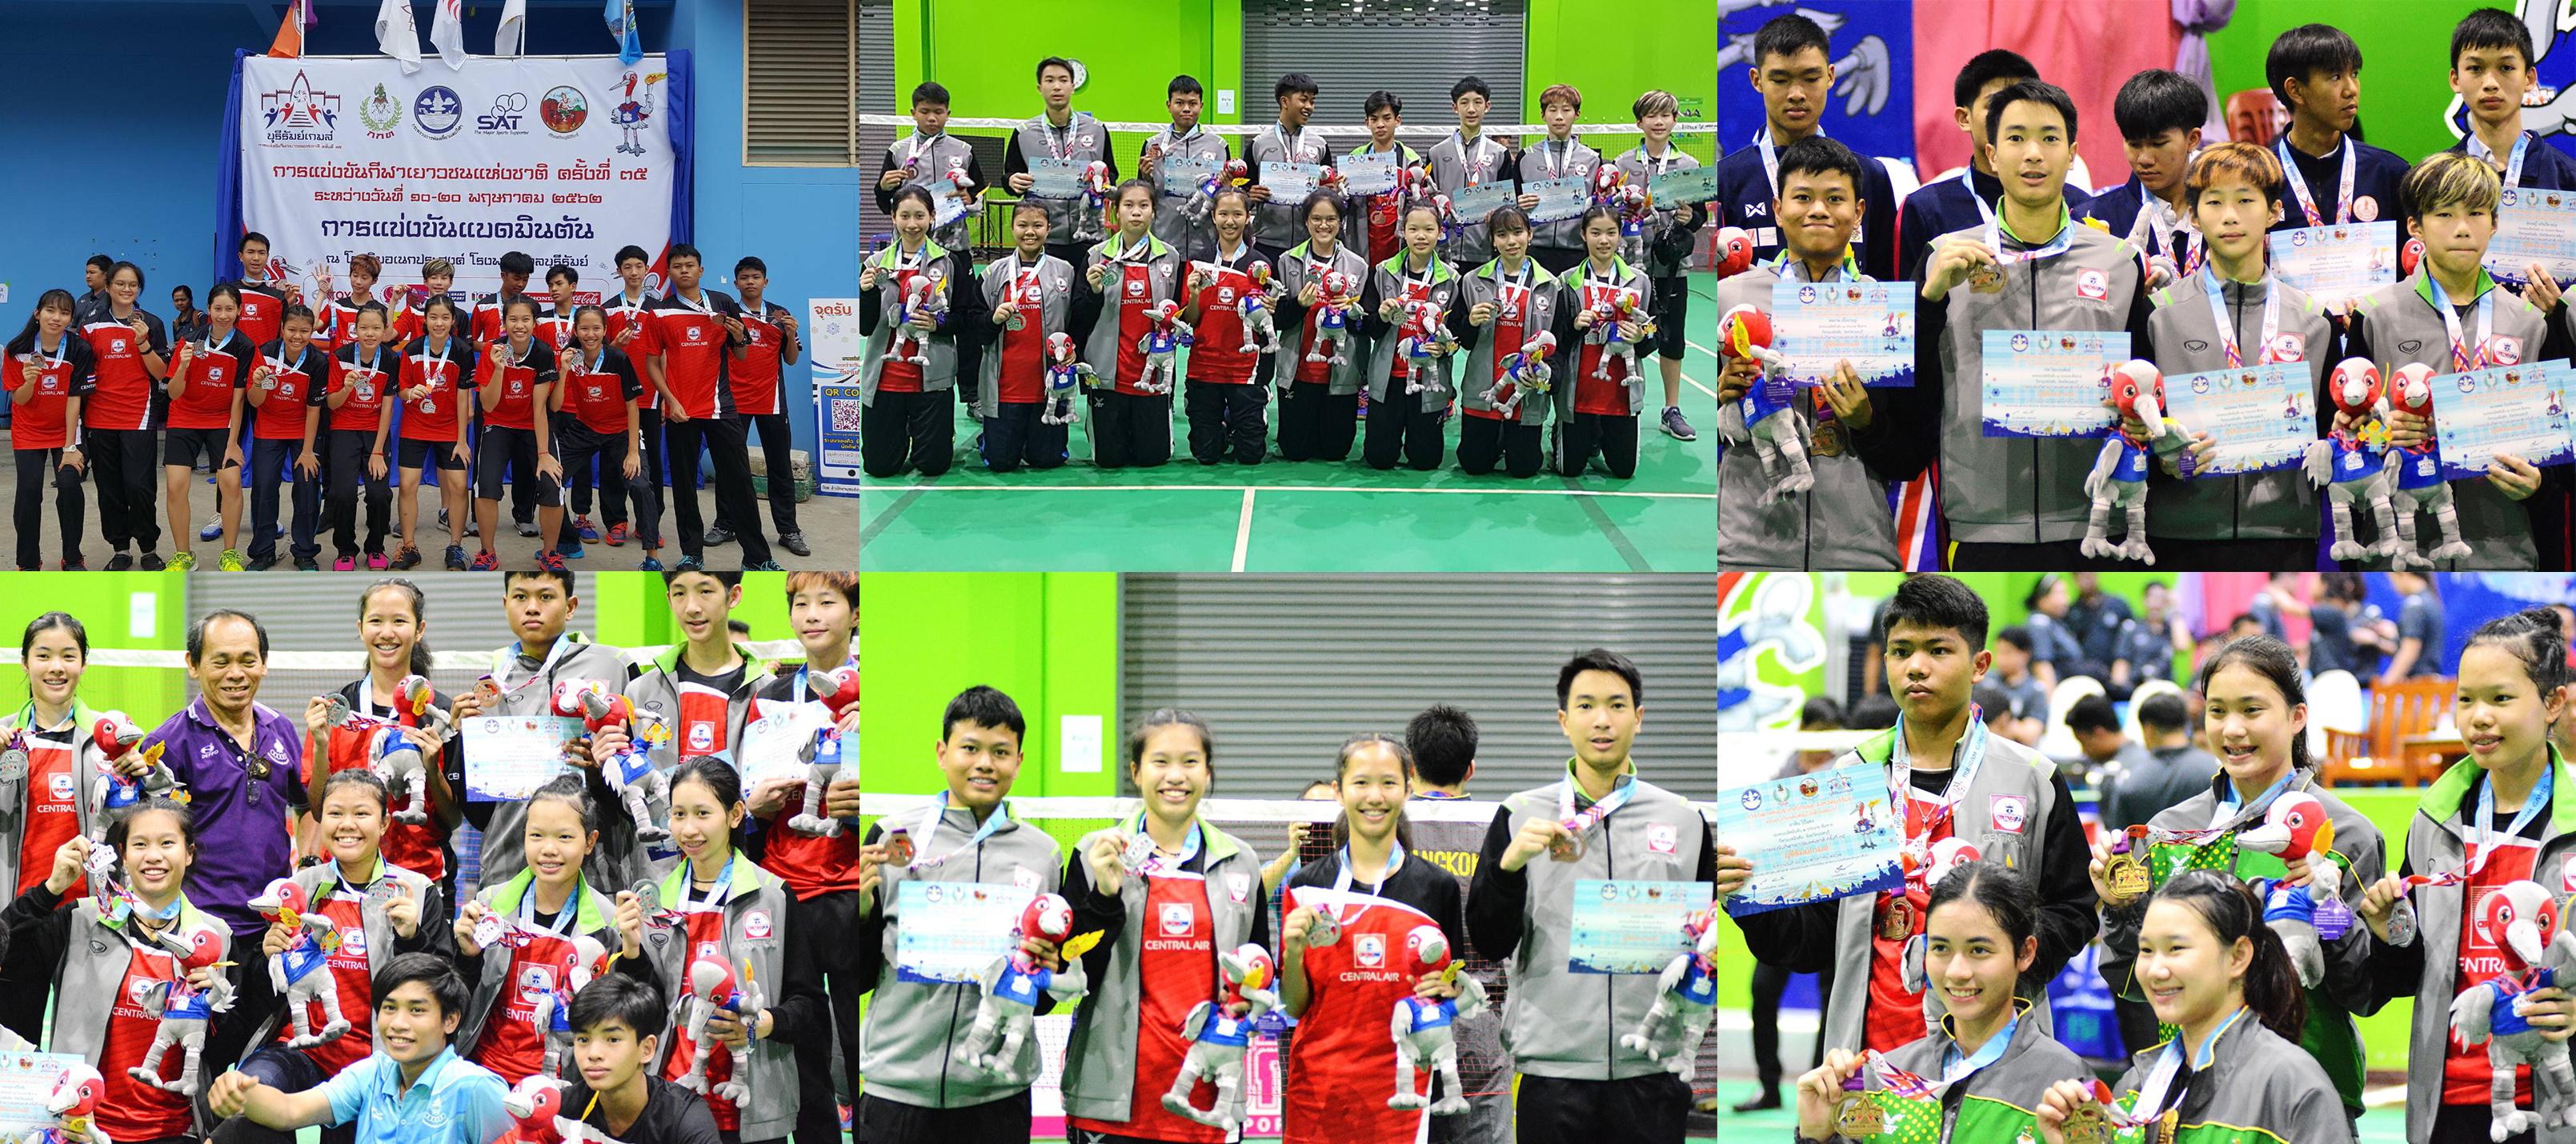 ทีมแบดมินตันนนทบุรี บุรีรัมย์เกมส์